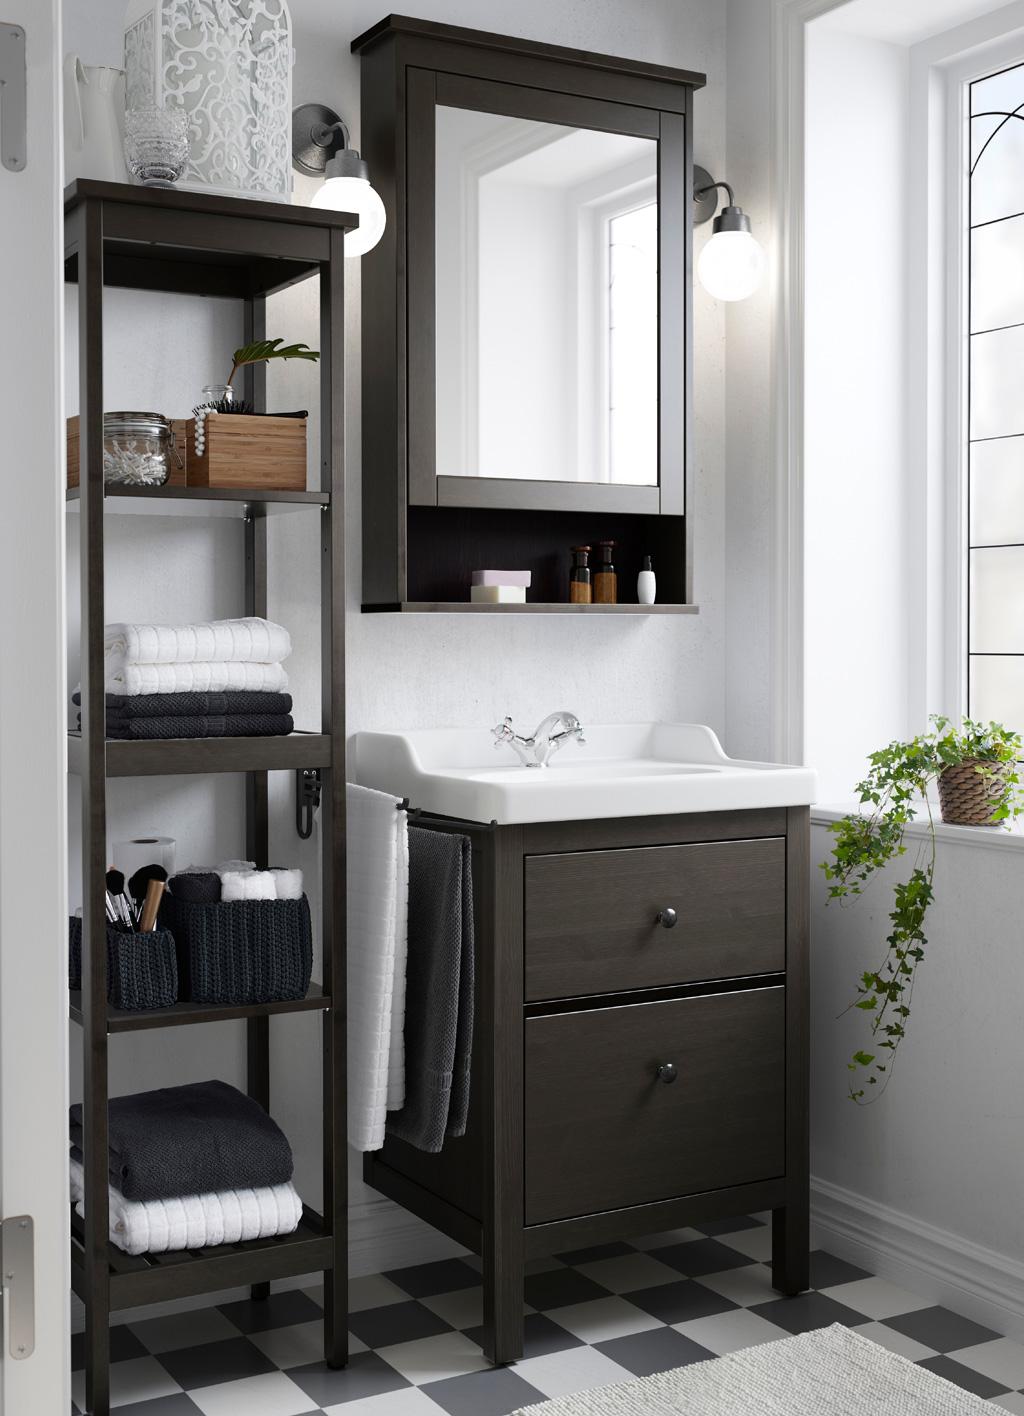 Ikea Small Elegan Bathroom Cabinet